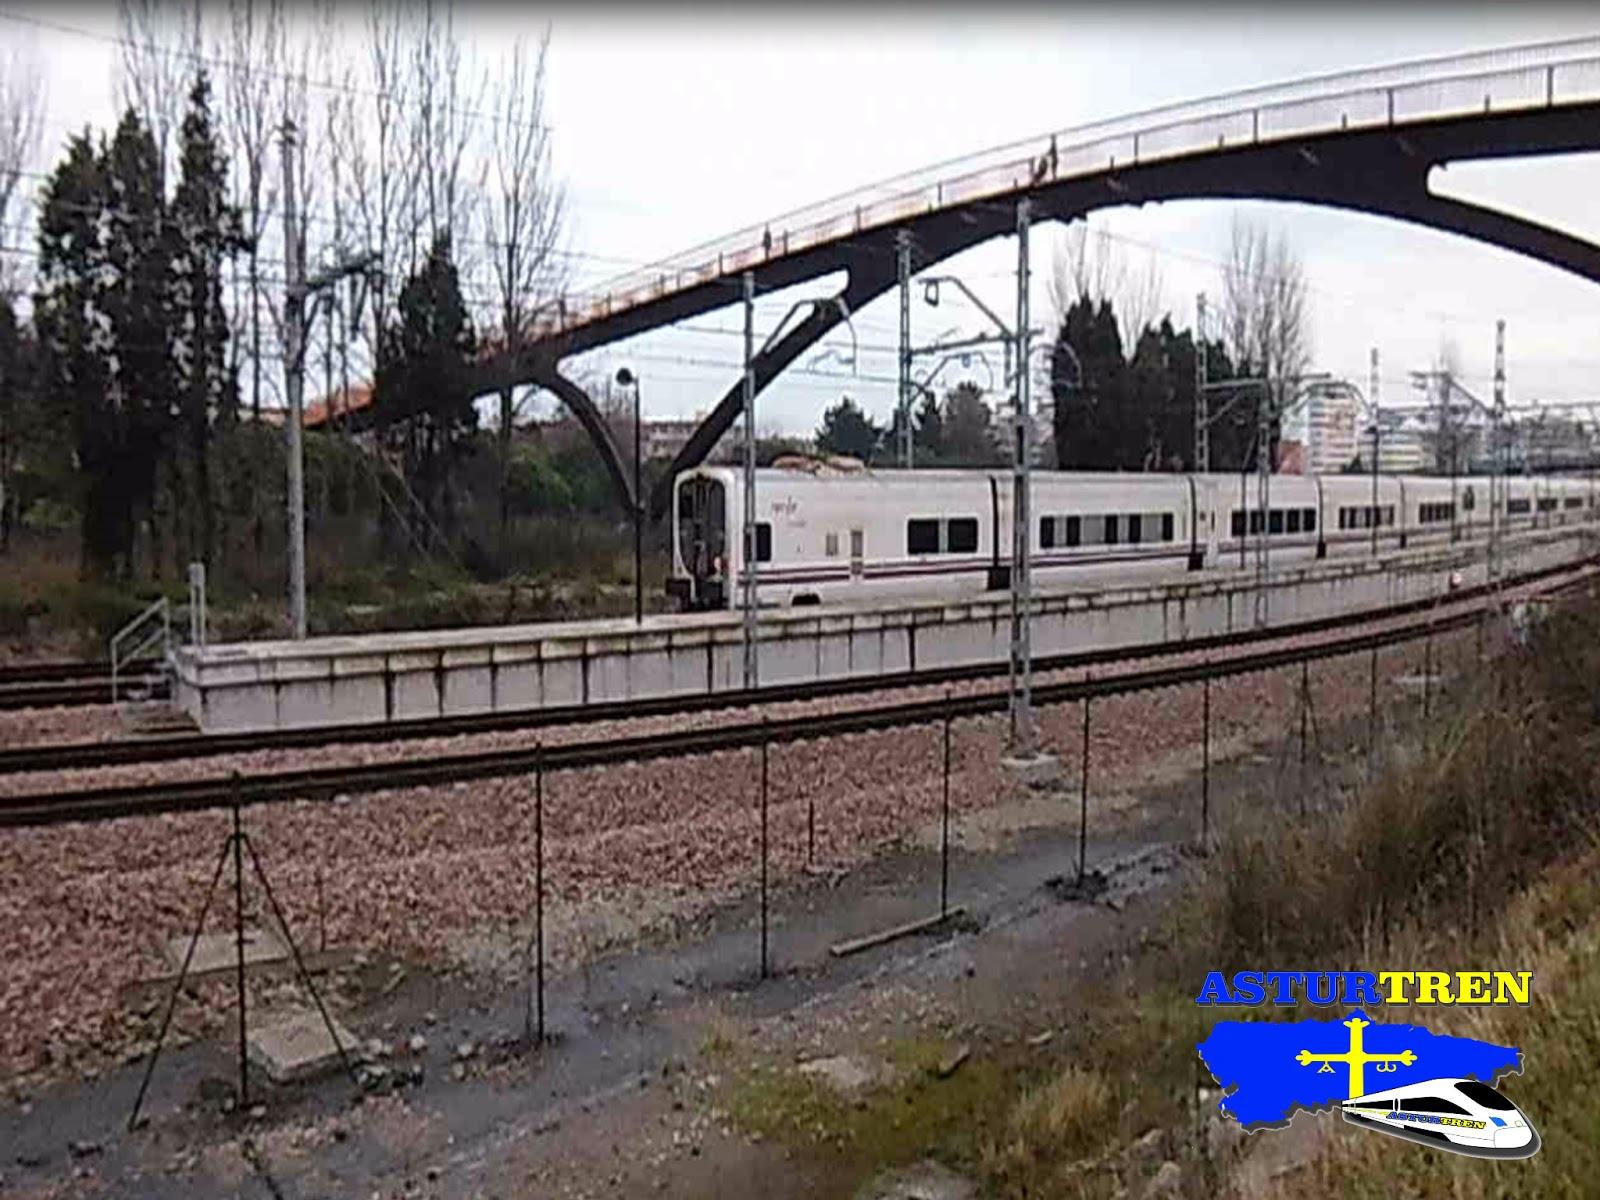 Asturtren tren hotel barcelona gij n for Barcelona paris tren hotel